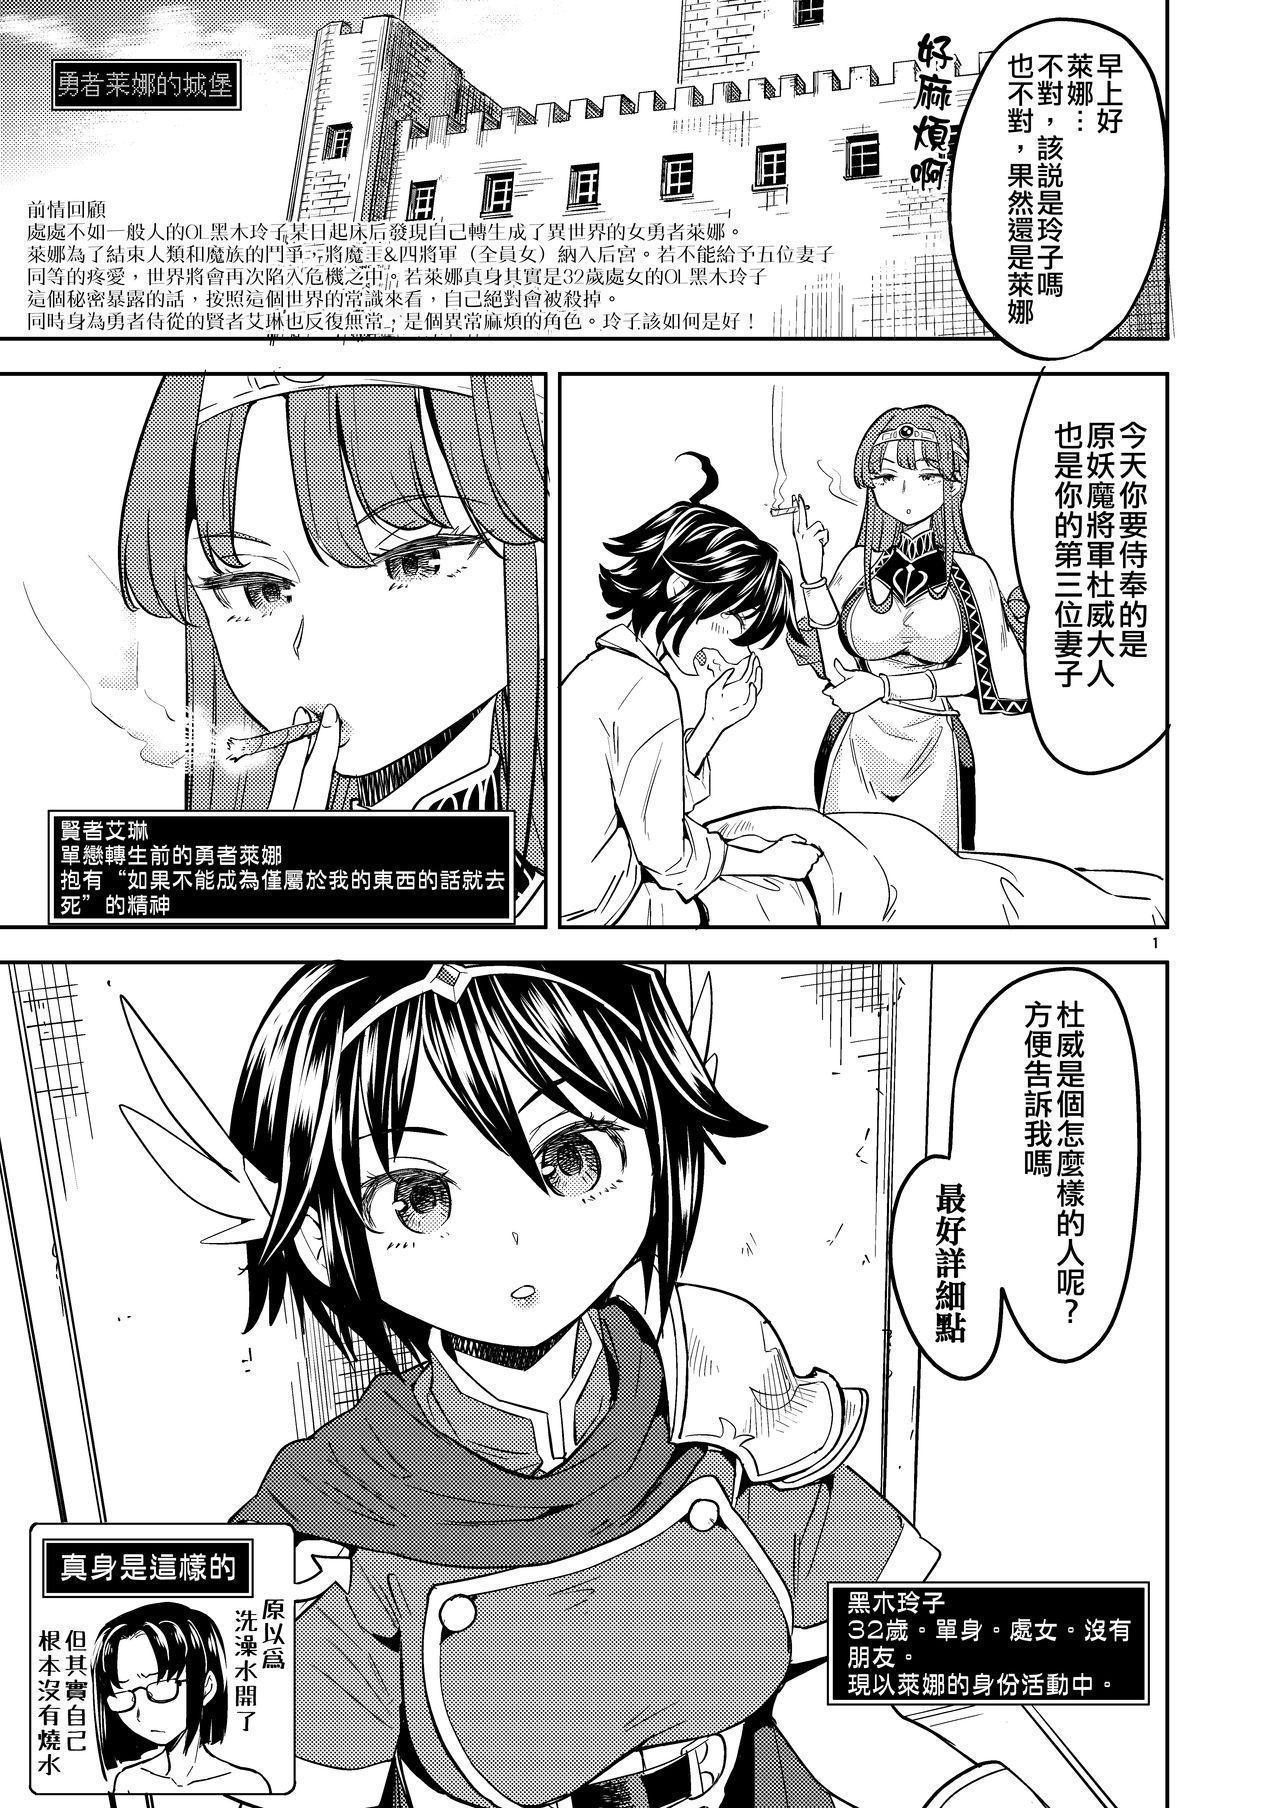 Onna Yuusha ni Tensei Shitara Mazoku no Tsuma ga 5-nin mo Irurashii 3 | 我轉生成爲女勇者后魔族的妻子居然有5人 3 2